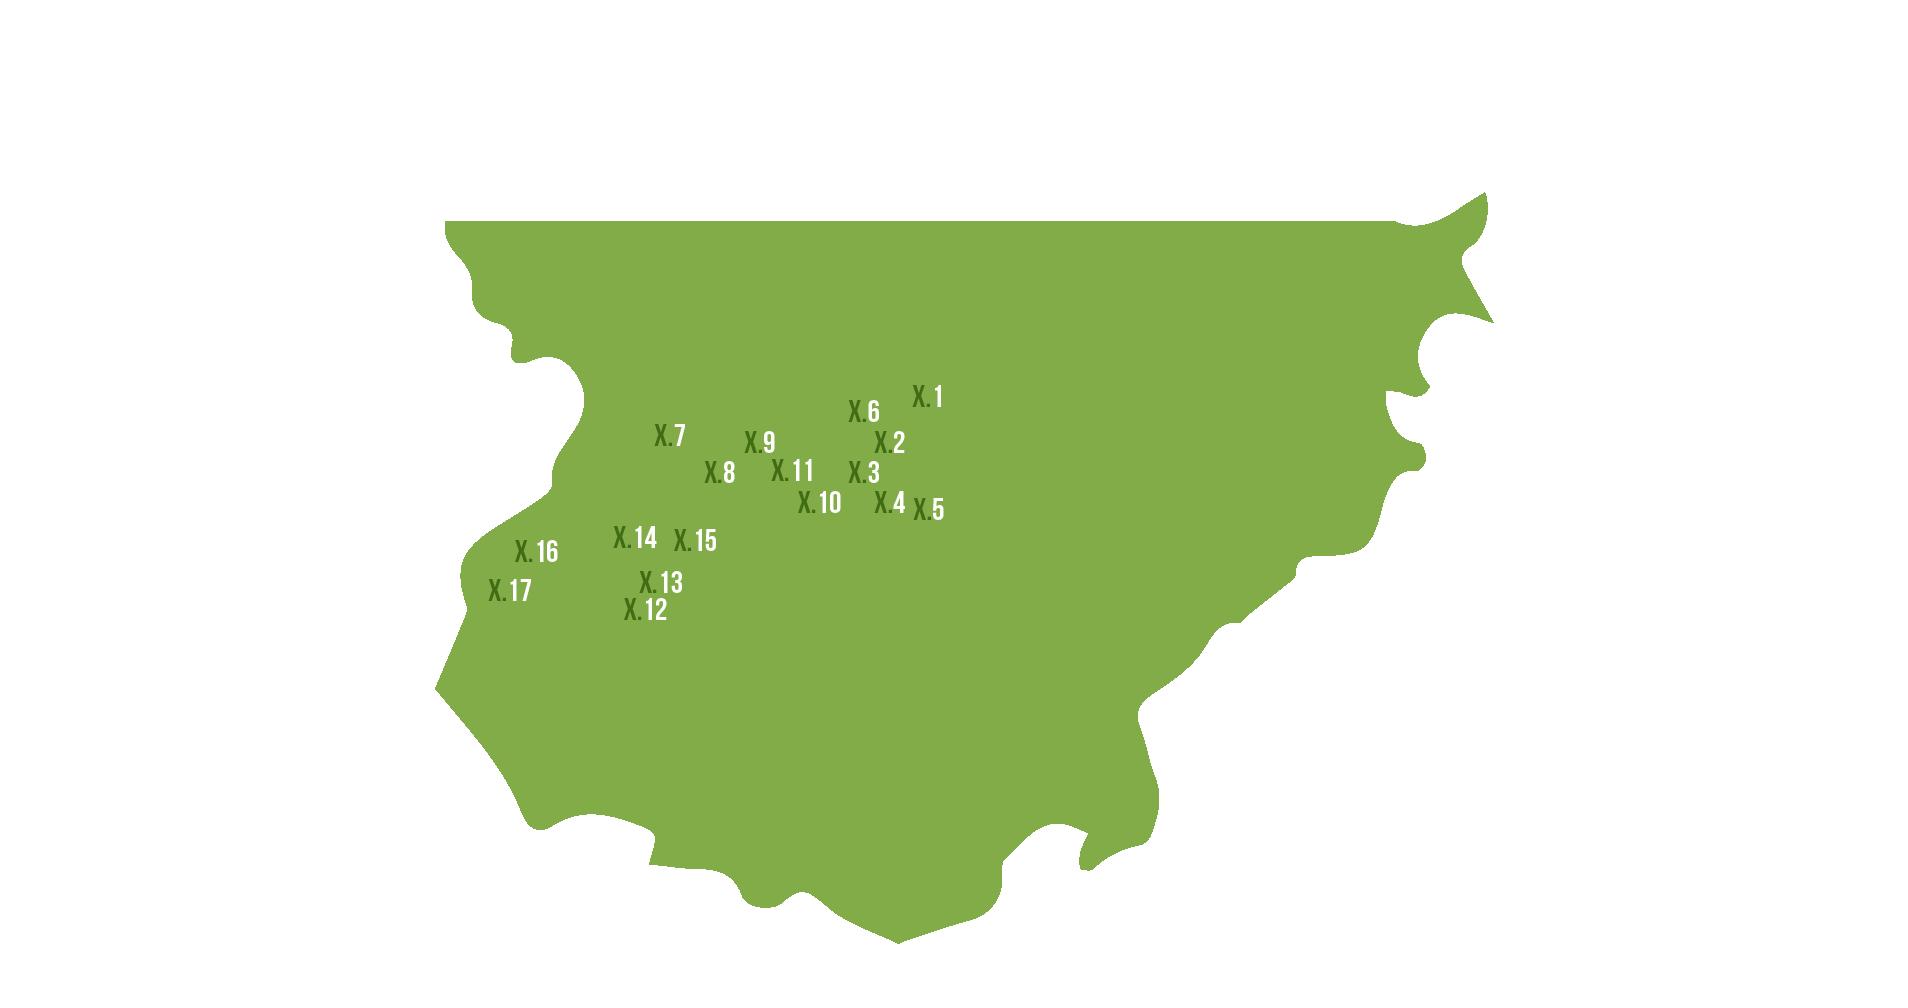 Mapa_Extremadura